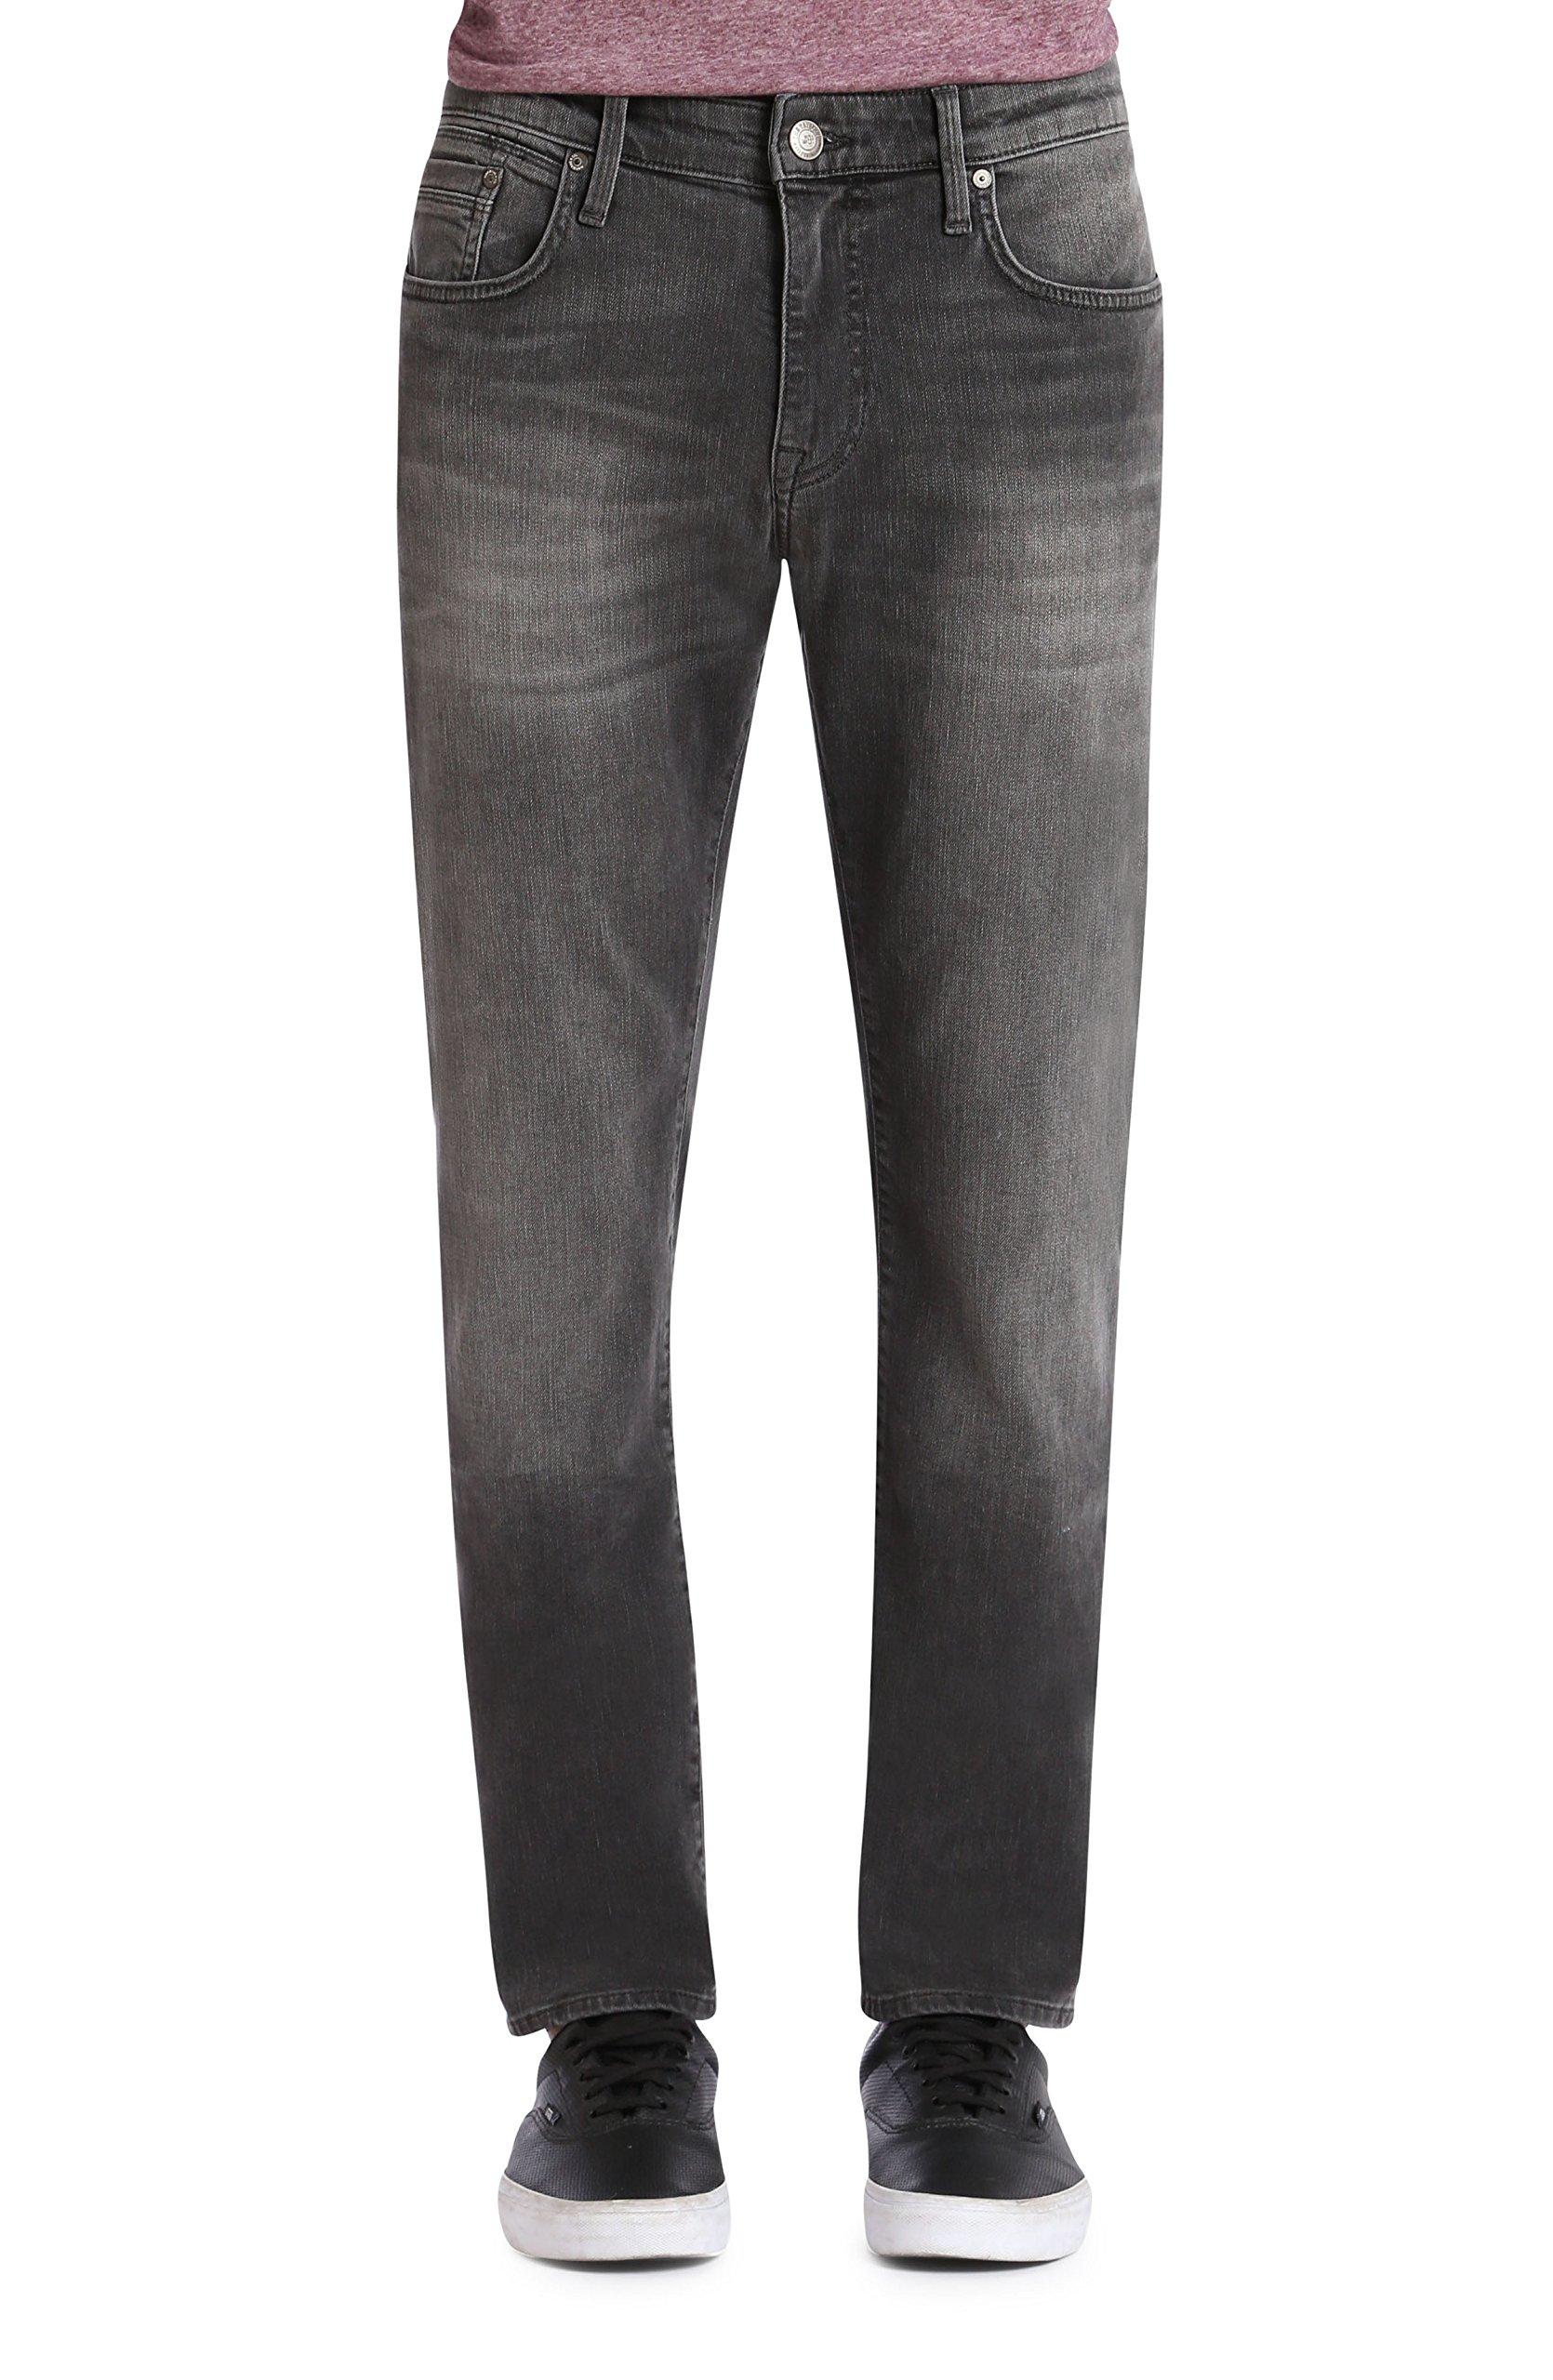 Mavi Men's Jake Regular-Rise Tapered Slim Fit Jeans, Grey Distressed Williamsburg, 28W X 30L by Mavi